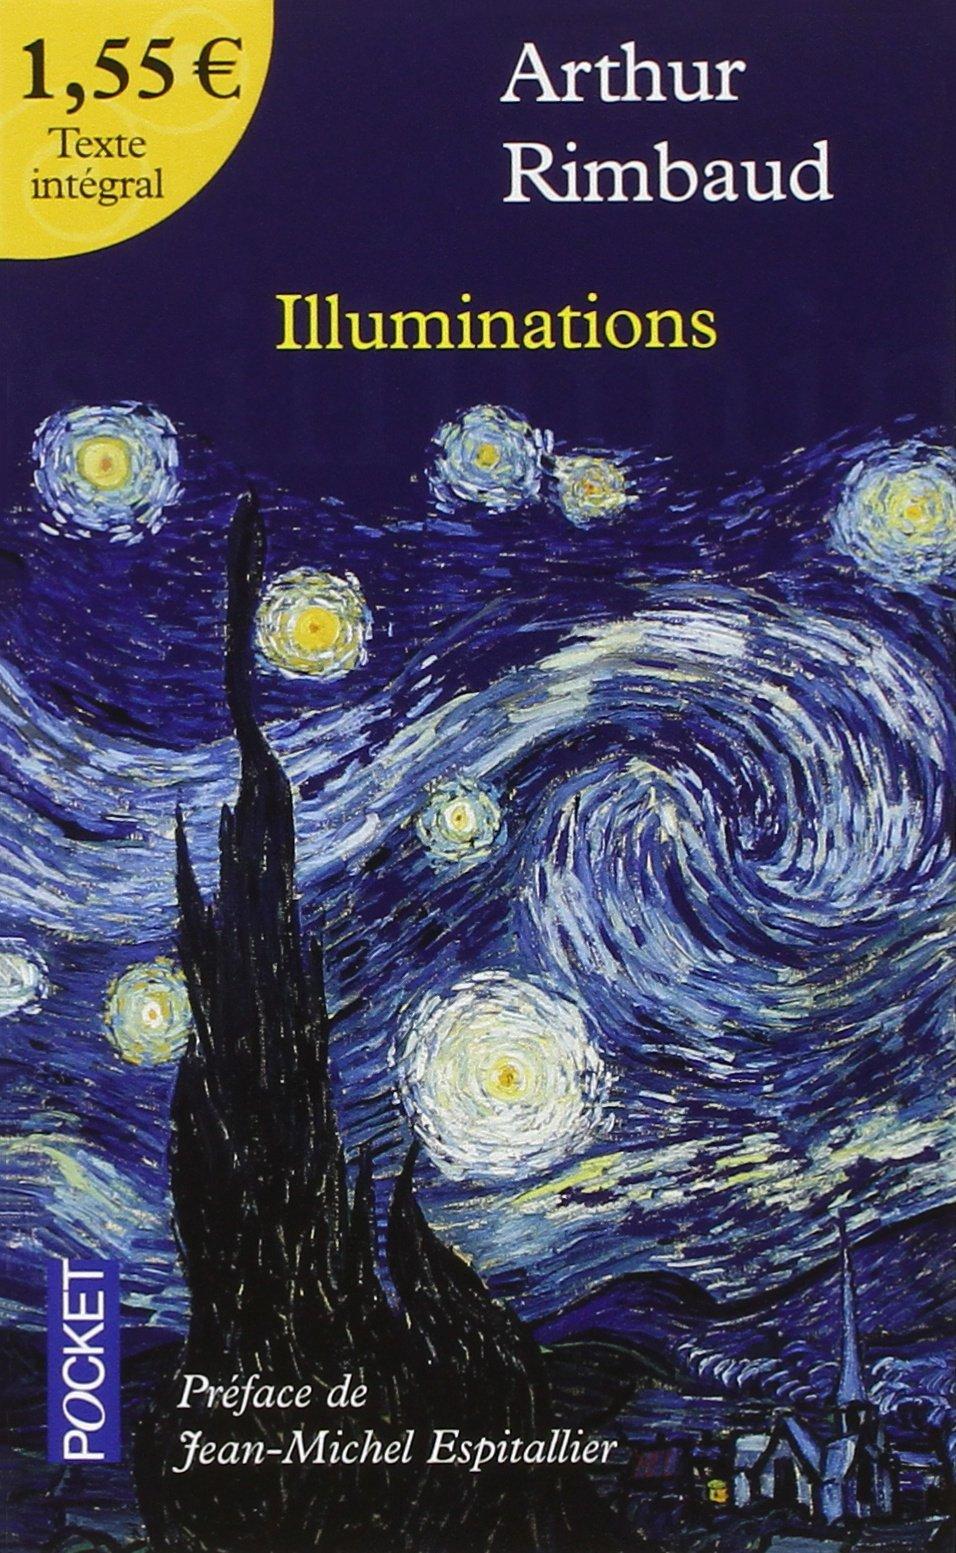 Illuminations